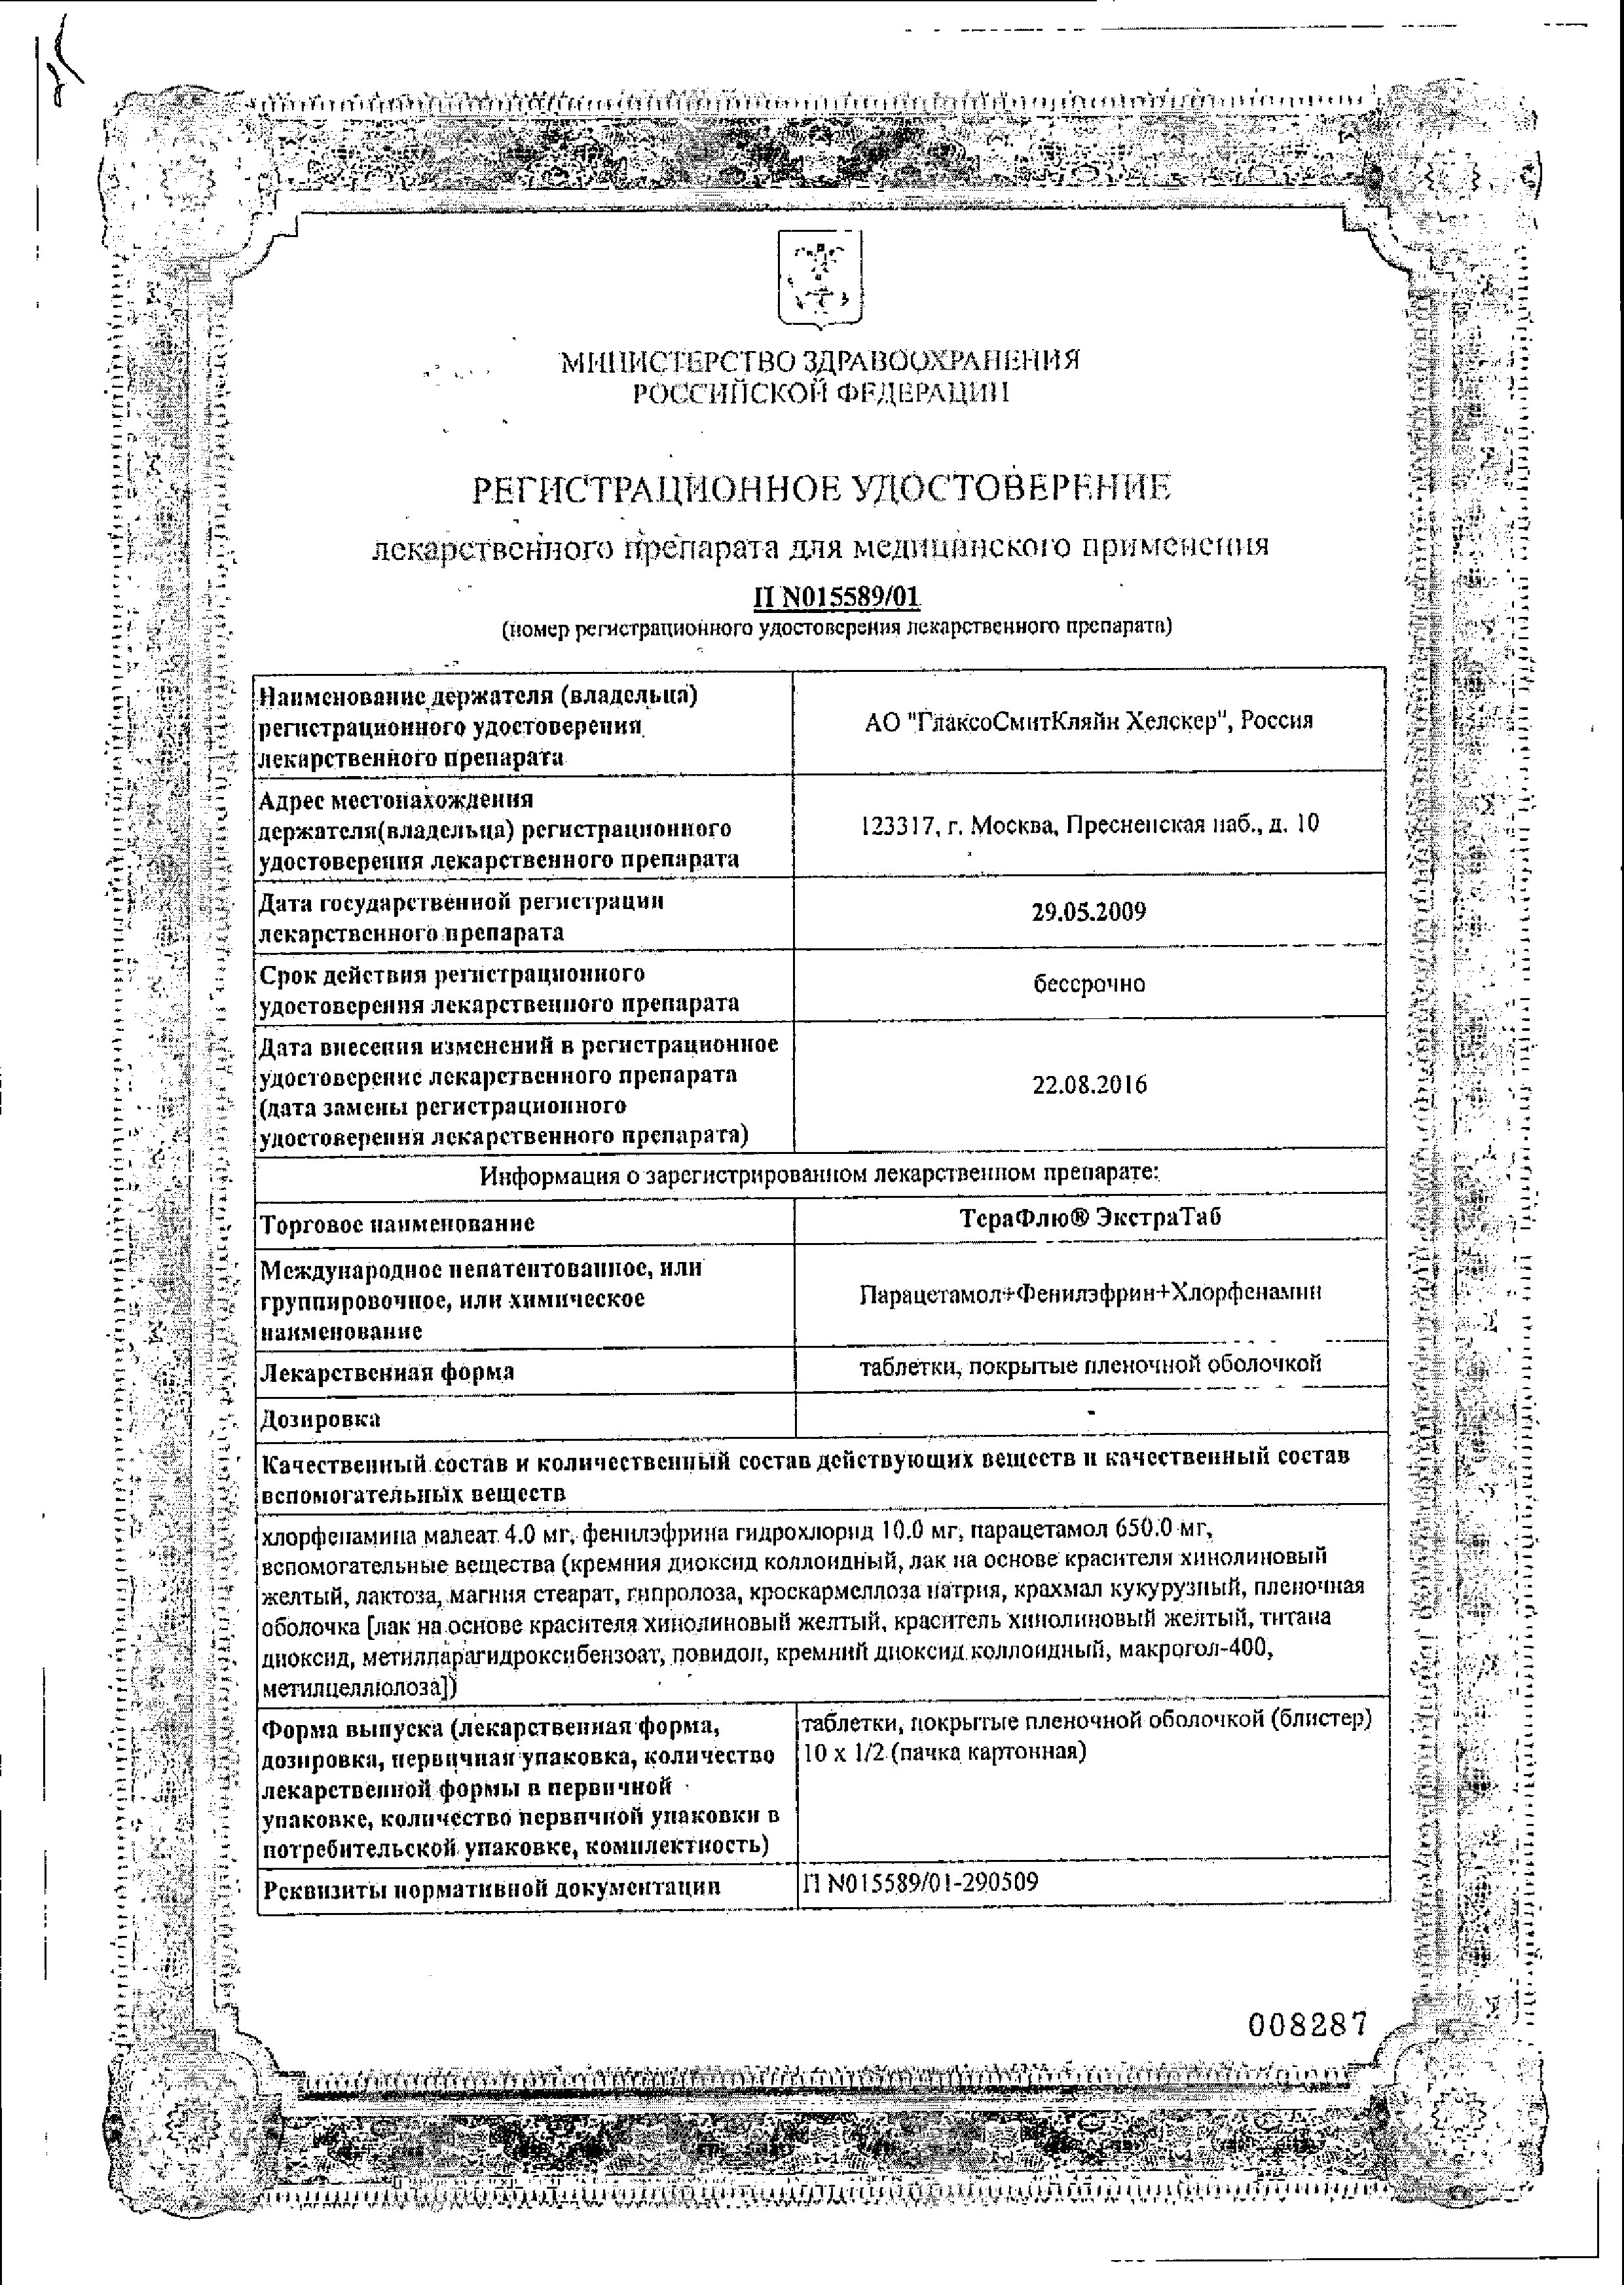 ТераФлю Экстратаб сертификат